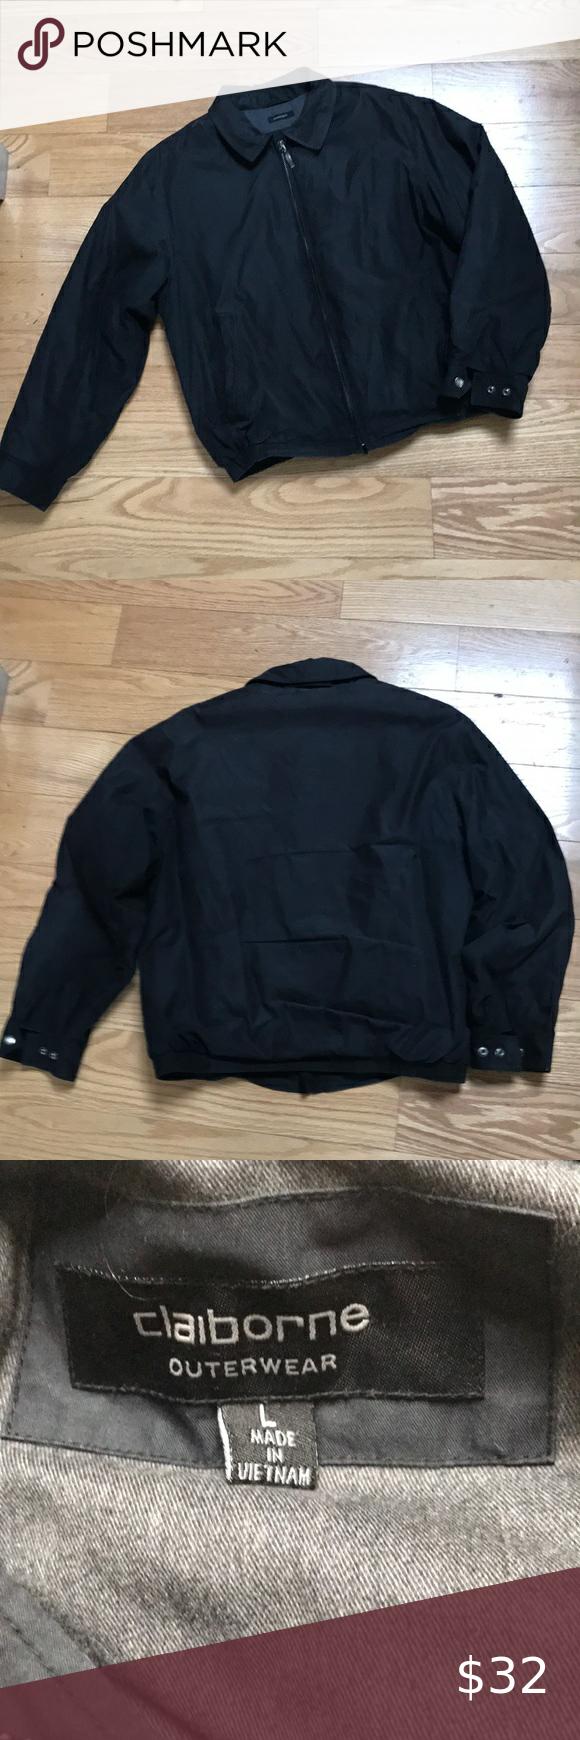 Claiborne Jacket Coat Sz L Euc Black Claiborne Outerwear Microfiber Coat Size Large In Excellent Used Con Brown Jacket Men Coats Jackets Vintage Leather Jacket [ 1740 x 580 Pixel ]